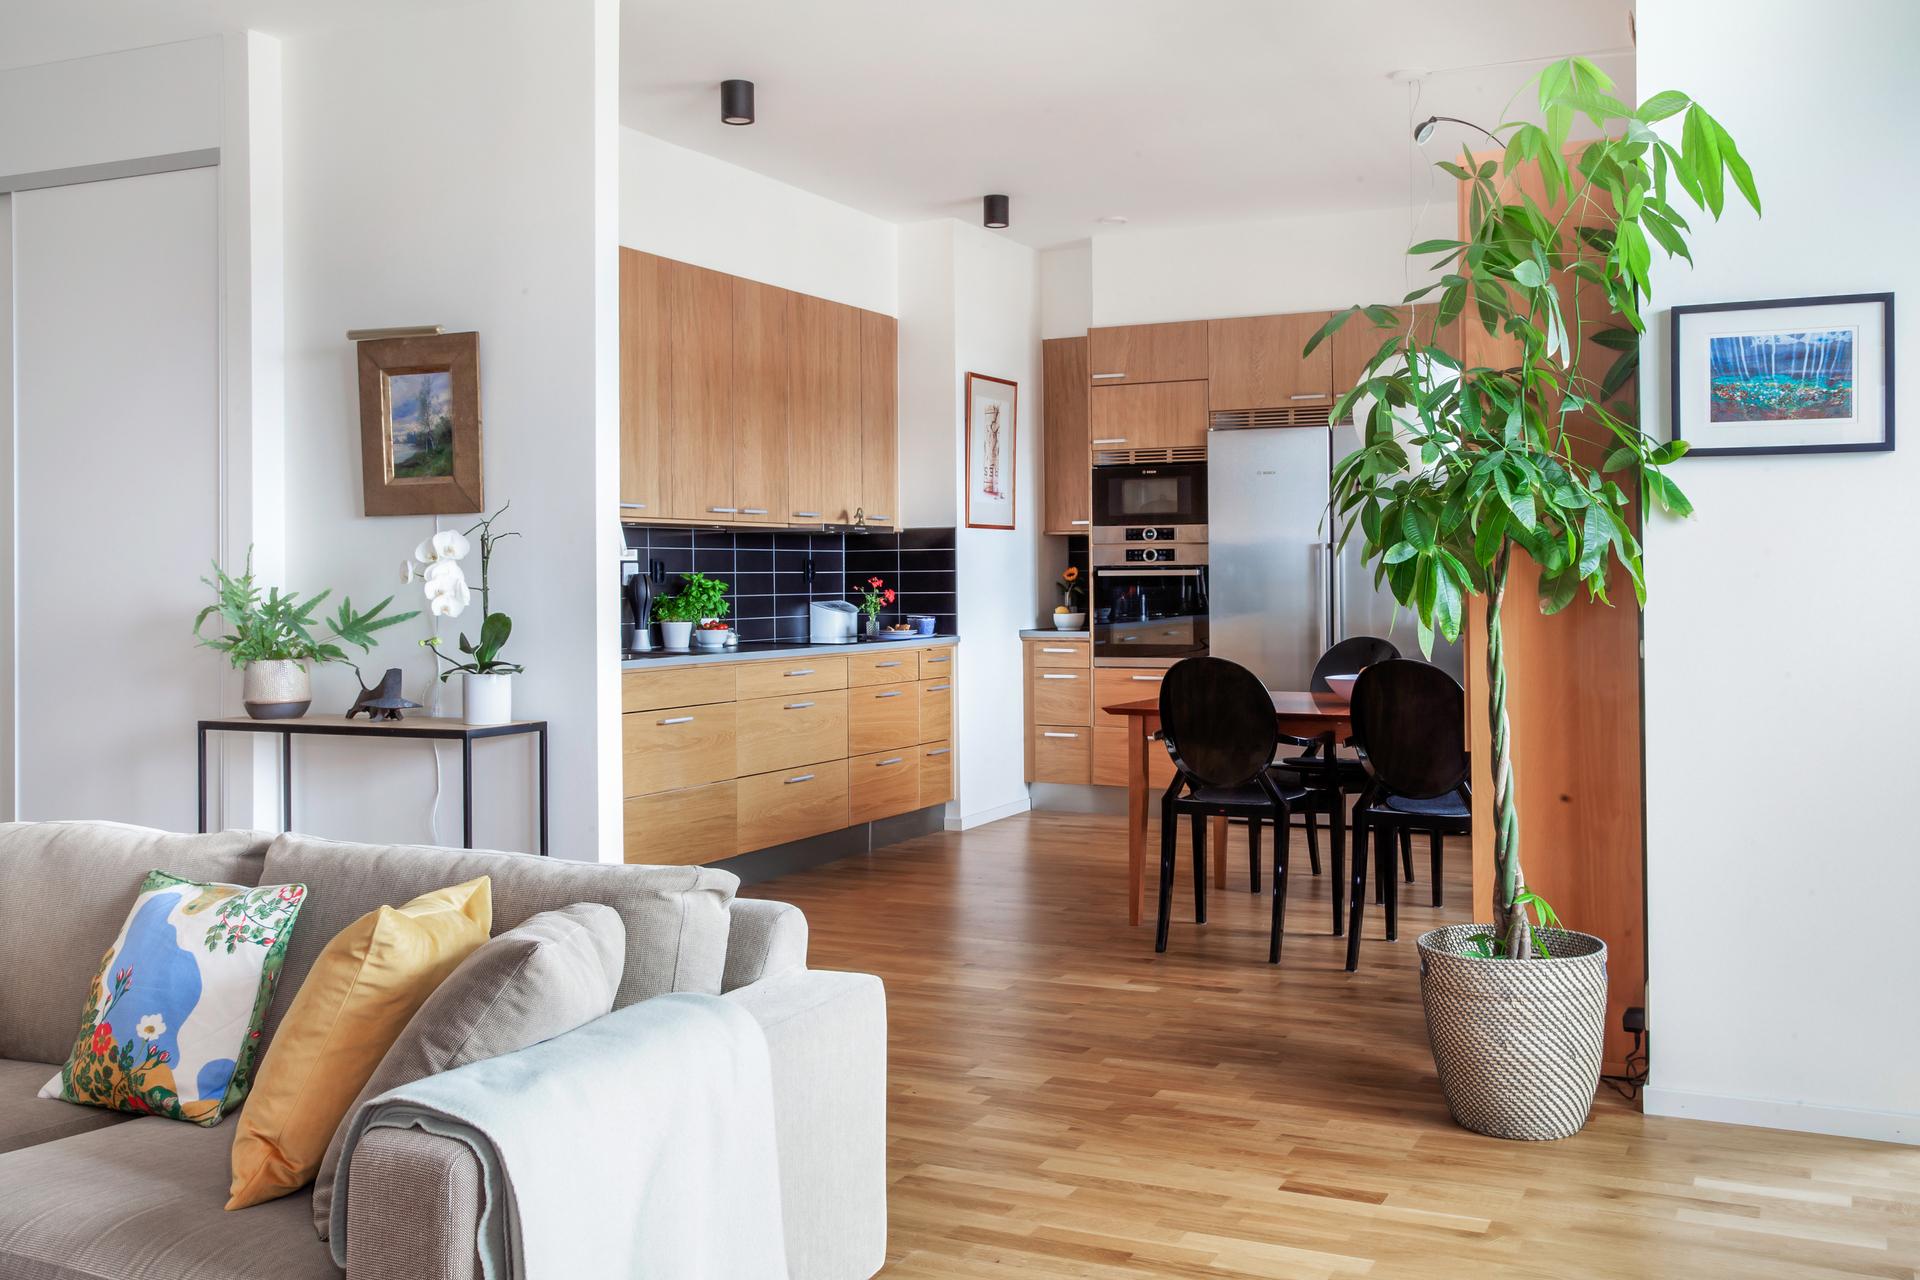 Kök och vardagsrum ligger i öppen planlösning